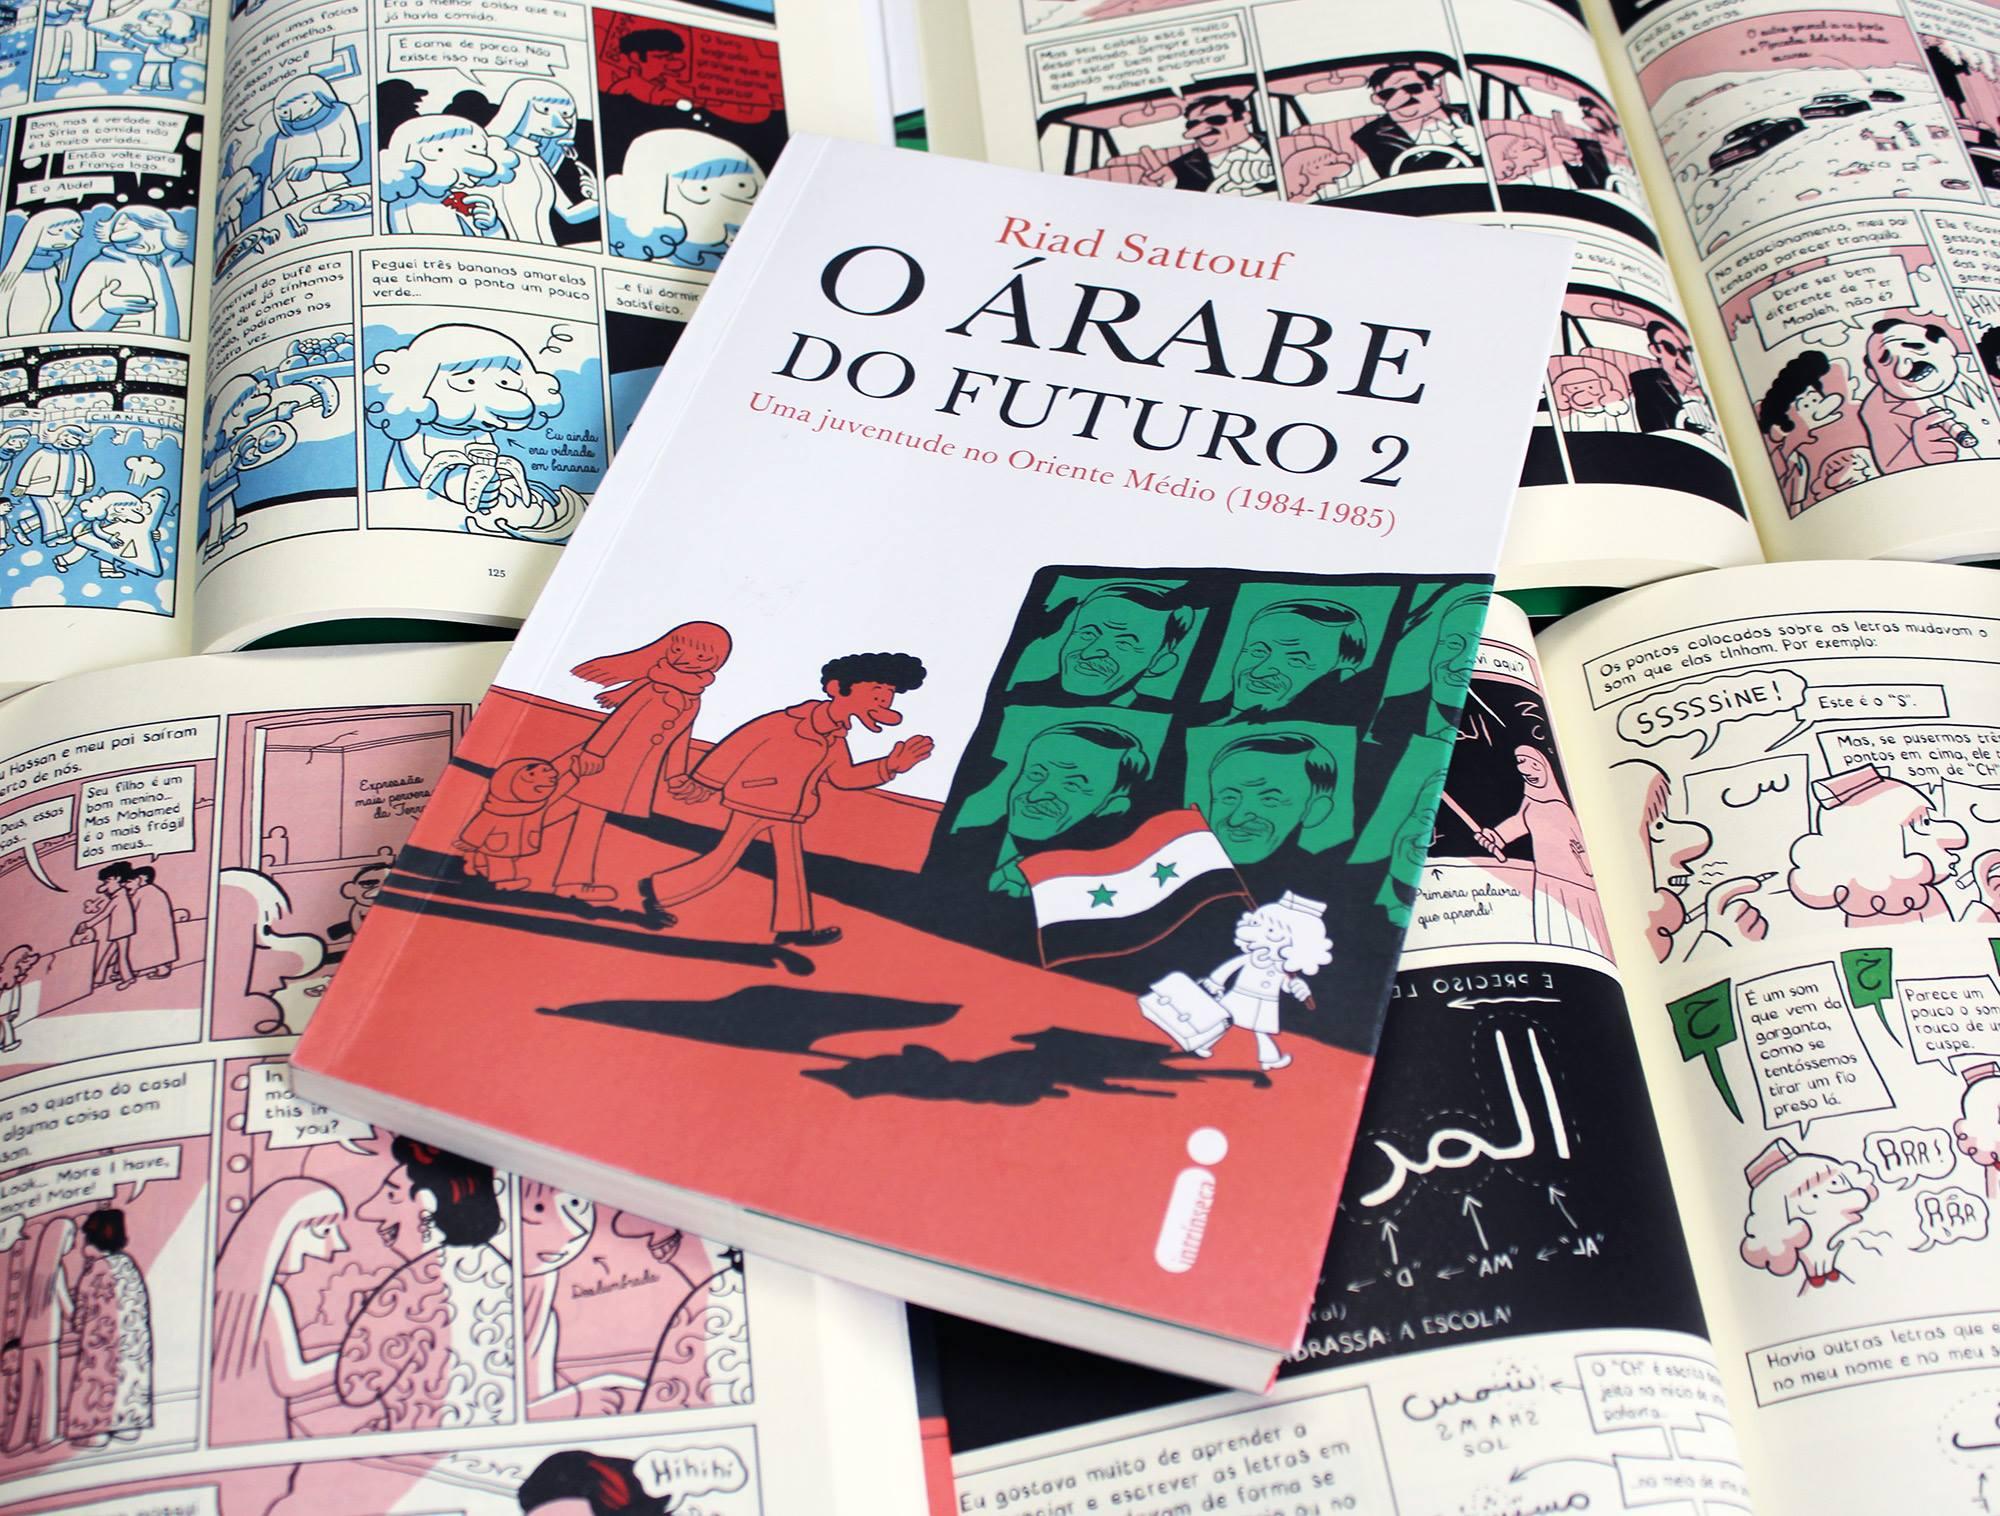 árabefacebook